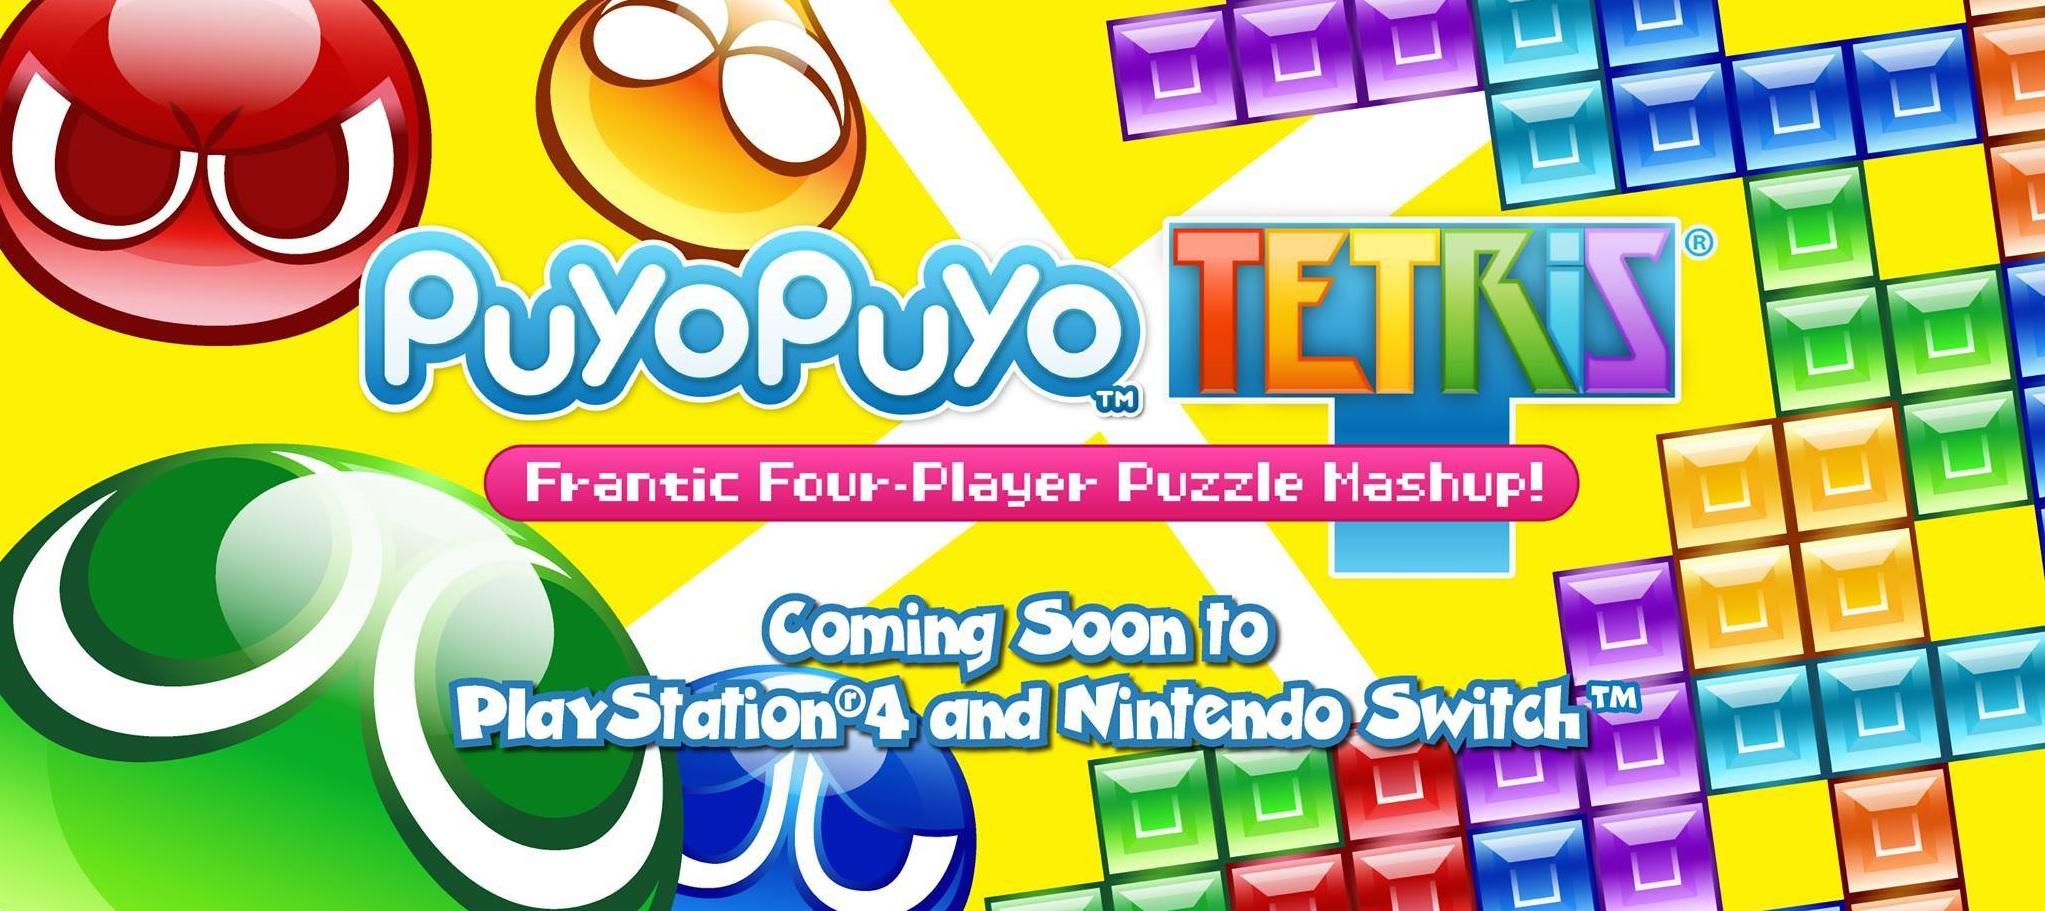 Puyo Puyo Tetris: fecha y plataformas anunciadas.